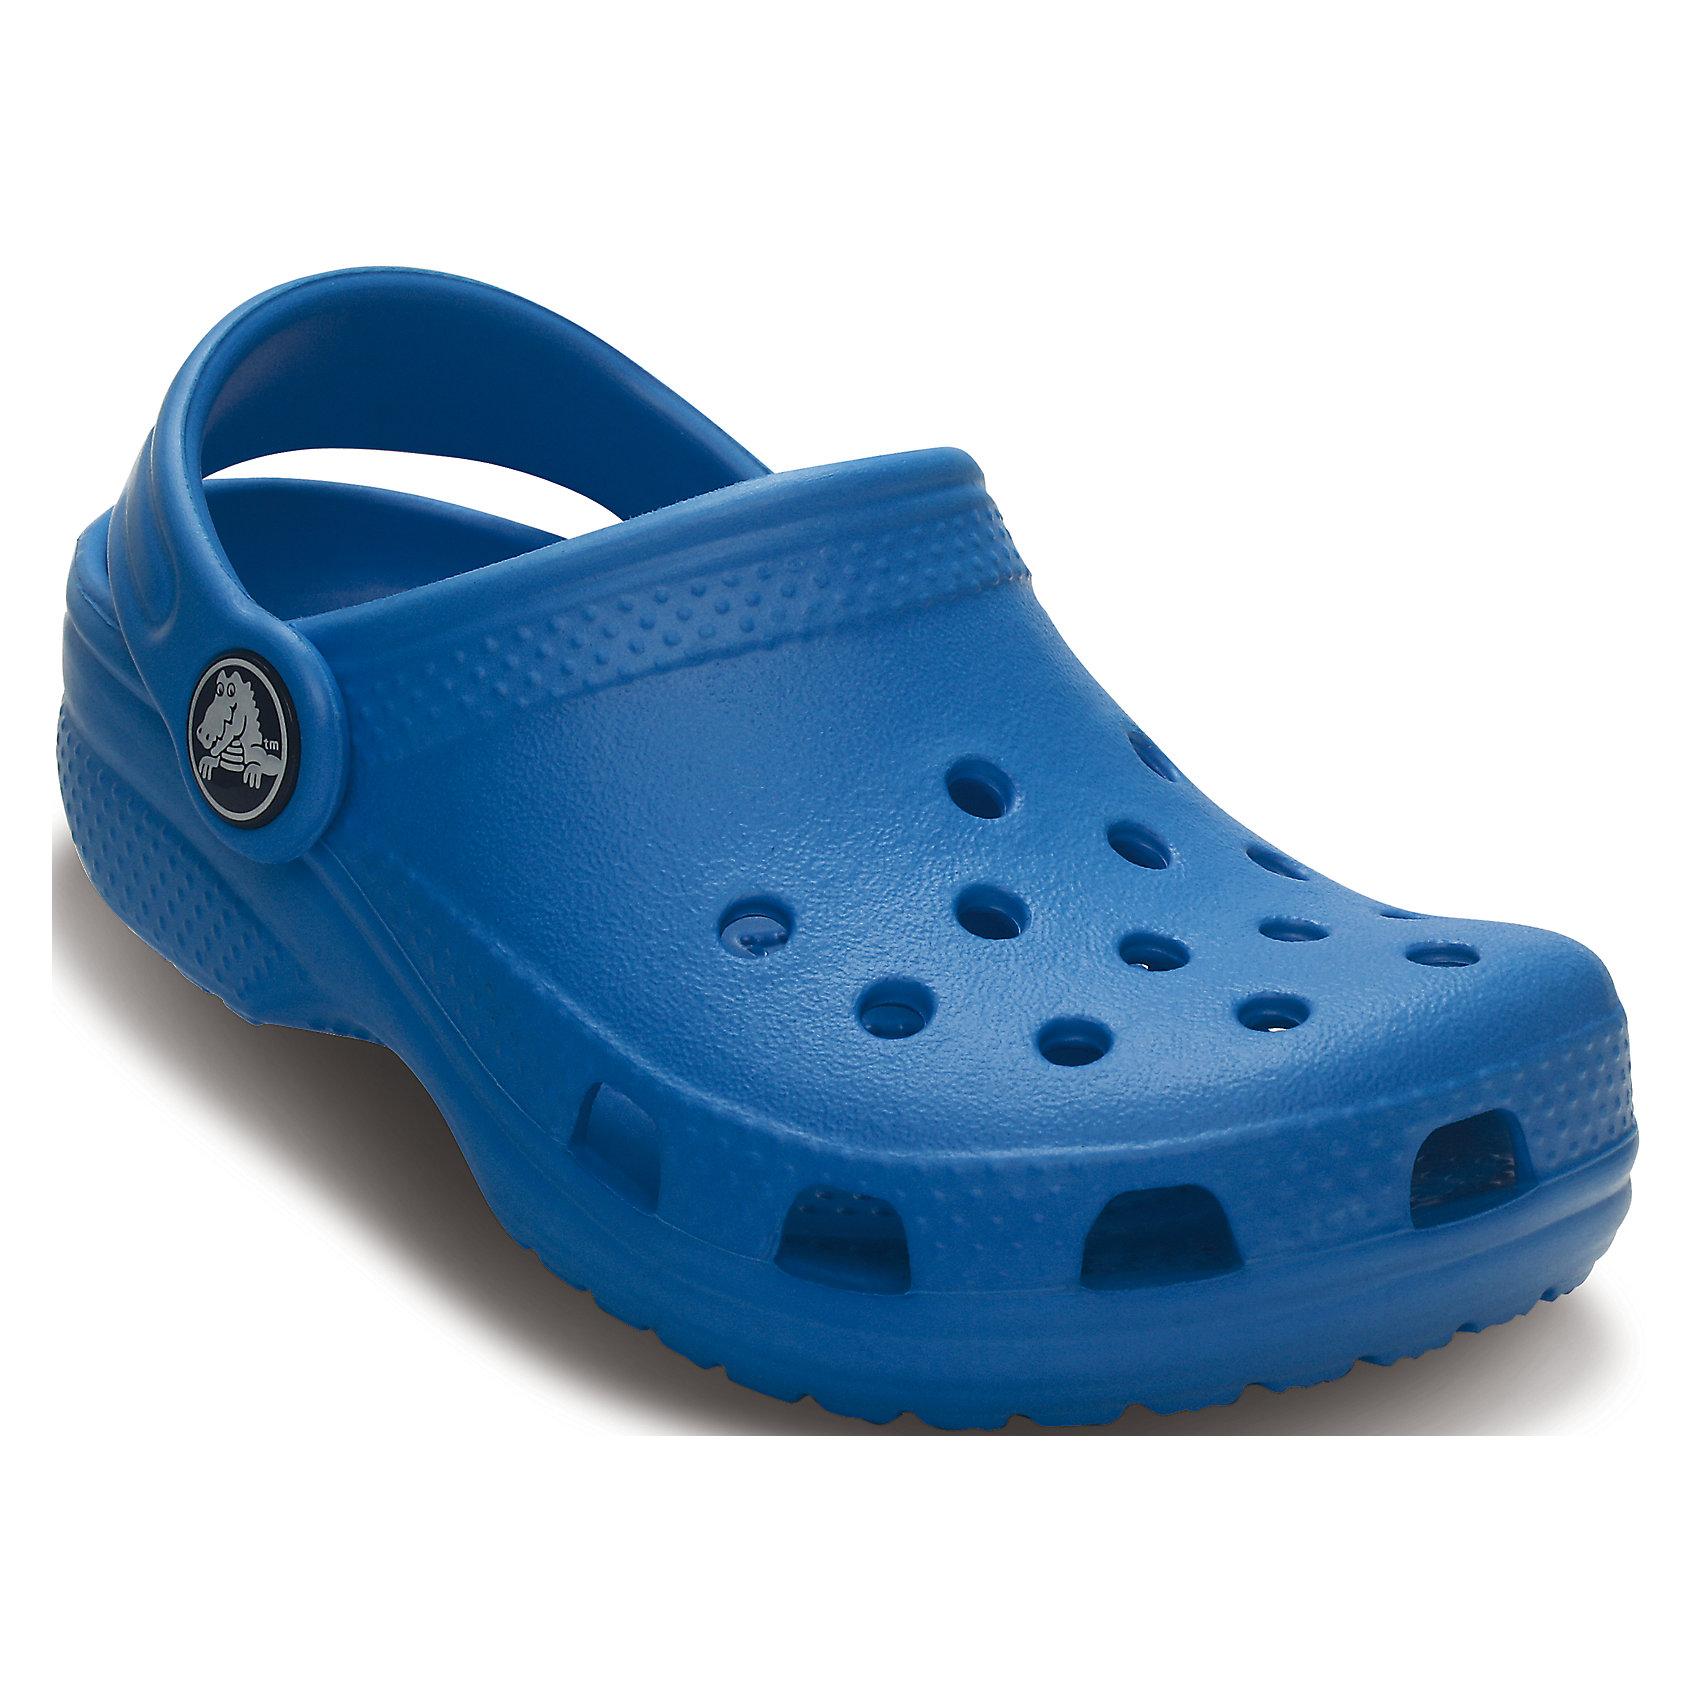 Сабо Kids Classic для мальчика CrocsПляжная обувь<br>Характеристики товара:<br><br>• цвет: синий<br>• материал: 100% полимер Croslite™<br>• под воздействием температуры тела принимают форму стопы<br>• полностью литая модель<br>• вентиляционные отверстия<br>• бактериостатичный материал<br>• пяточный ремешок фиксирует стопу<br>• толстая устойчивая подошва<br>• отверстия для использования украшений<br>• анатомическая стелька с массажными точками стимулирует кровообращение<br>• страна бренда: США<br>• страна изготовитель: Китай<br><br>Для правильного развития ребенка крайне важно, чтобы обувь была удобной. Такие сабо обеспечивают детям необходимый комфорт, а анатомическая стелька с массажными линиями для стимуляции кровообращения позволяет ножкам дольше не уставать. Сабо легко надеваются и снимаются, отлично сидят на ноге. Материал, из которого они сделаны, не дает размножаться бактериям, поэтому такая обувь препятствует образованию неприятного запаха и появлению болезней стоп. <br>Обувь от американского бренда Crocs в данный момент завоевала широкую популярность во всем мире, и это не удивительно - ведь она невероятно удобна. Её носят врачи, спортсмены, звёзды шоу-бизнеса, люди, которым много времени приходится бывать на ногах - они понимают, как важна комфортная обувь. Продукция Crocs - это качественные товары, созданные с применением новейших технологий. Обувь отличается стильным дизайном и продуманной конструкцией. Изделие производится из качественных и проверенных материалов, которые безопасны для детей.<br><br>Сабо для мальчика от торговой марки Crocs можно купить в нашем интернет-магазине.<br><br>Ширина мм: 225<br>Глубина мм: 139<br>Высота мм: 112<br>Вес г: 290<br>Цвет: синий<br>Возраст от месяцев: 36<br>Возраст до месяцев: 48<br>Пол: Мужской<br>Возраст: Детский<br>Размер: 25/26,35/36,27/28,34/35,23/24,29/30,33/34,21/22<br>SKU: 4651702